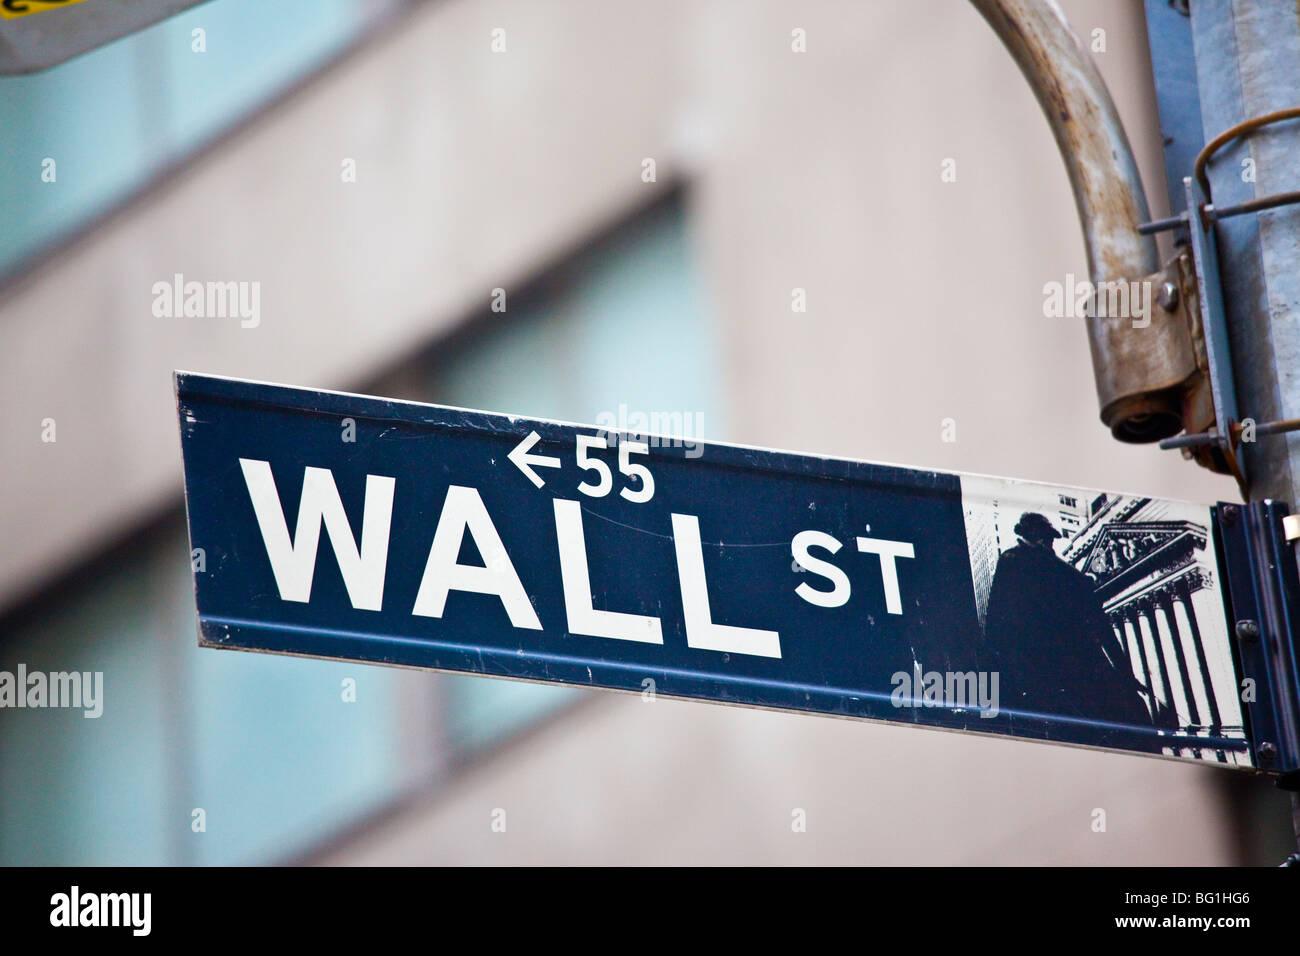 Wall Street le quartier financier du centre-ville de Manhattan Photo Stock